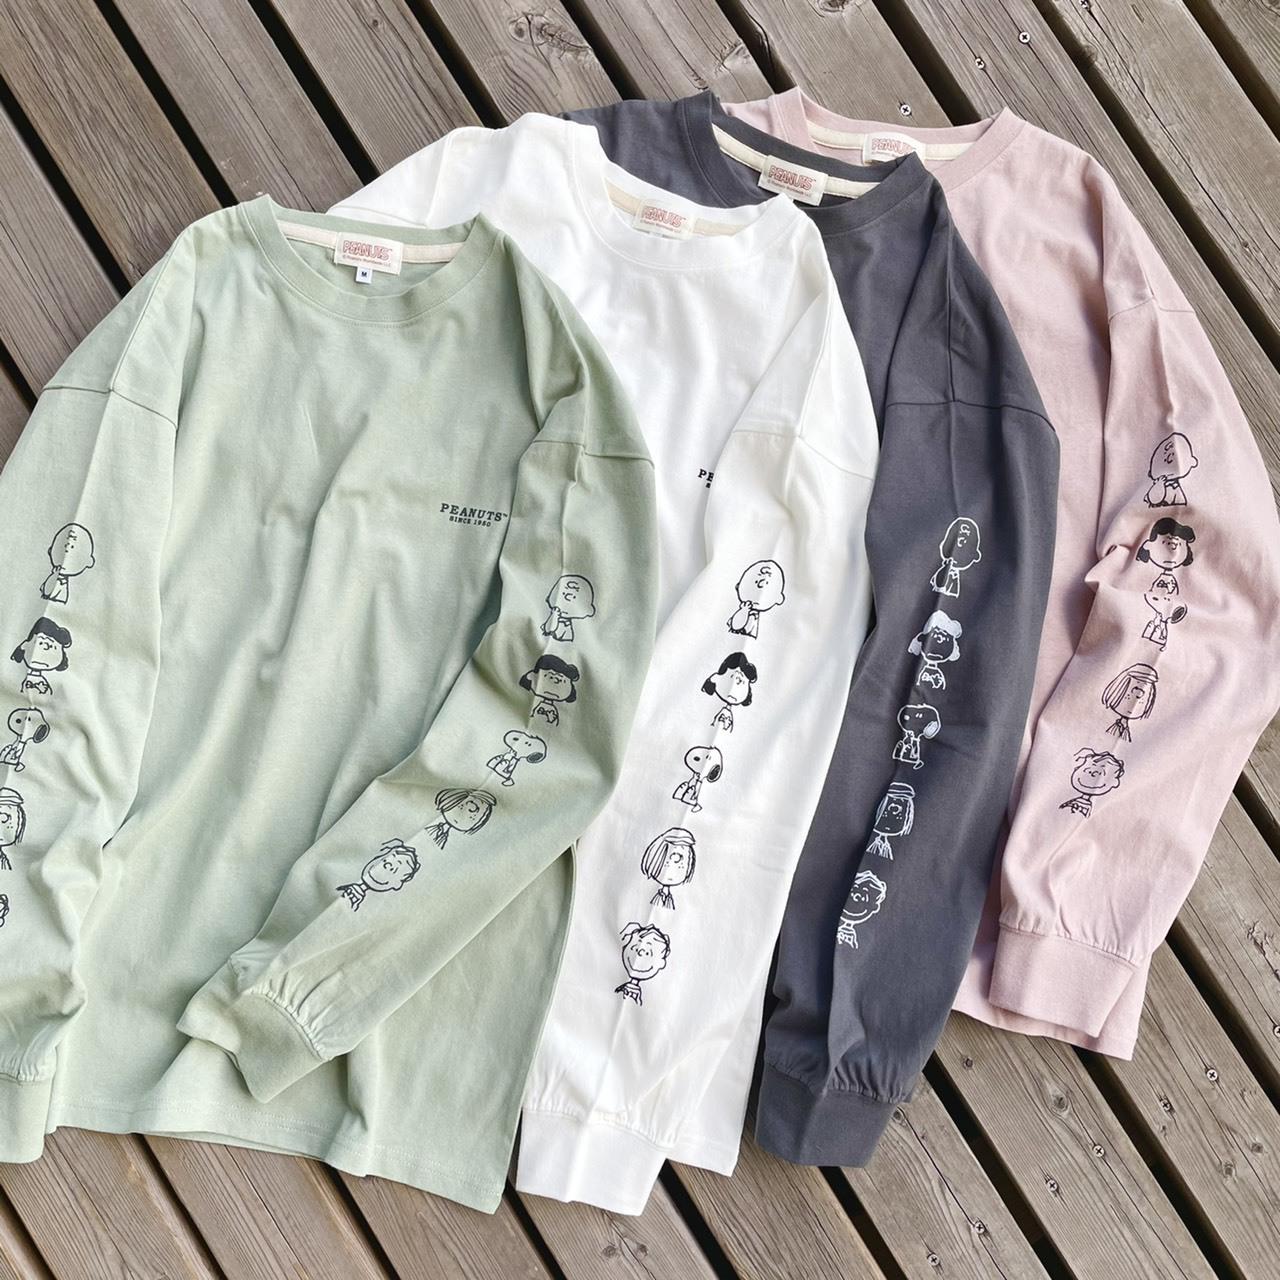 スヌーピー×パワートゥーザピープルのロングTシャツ2021